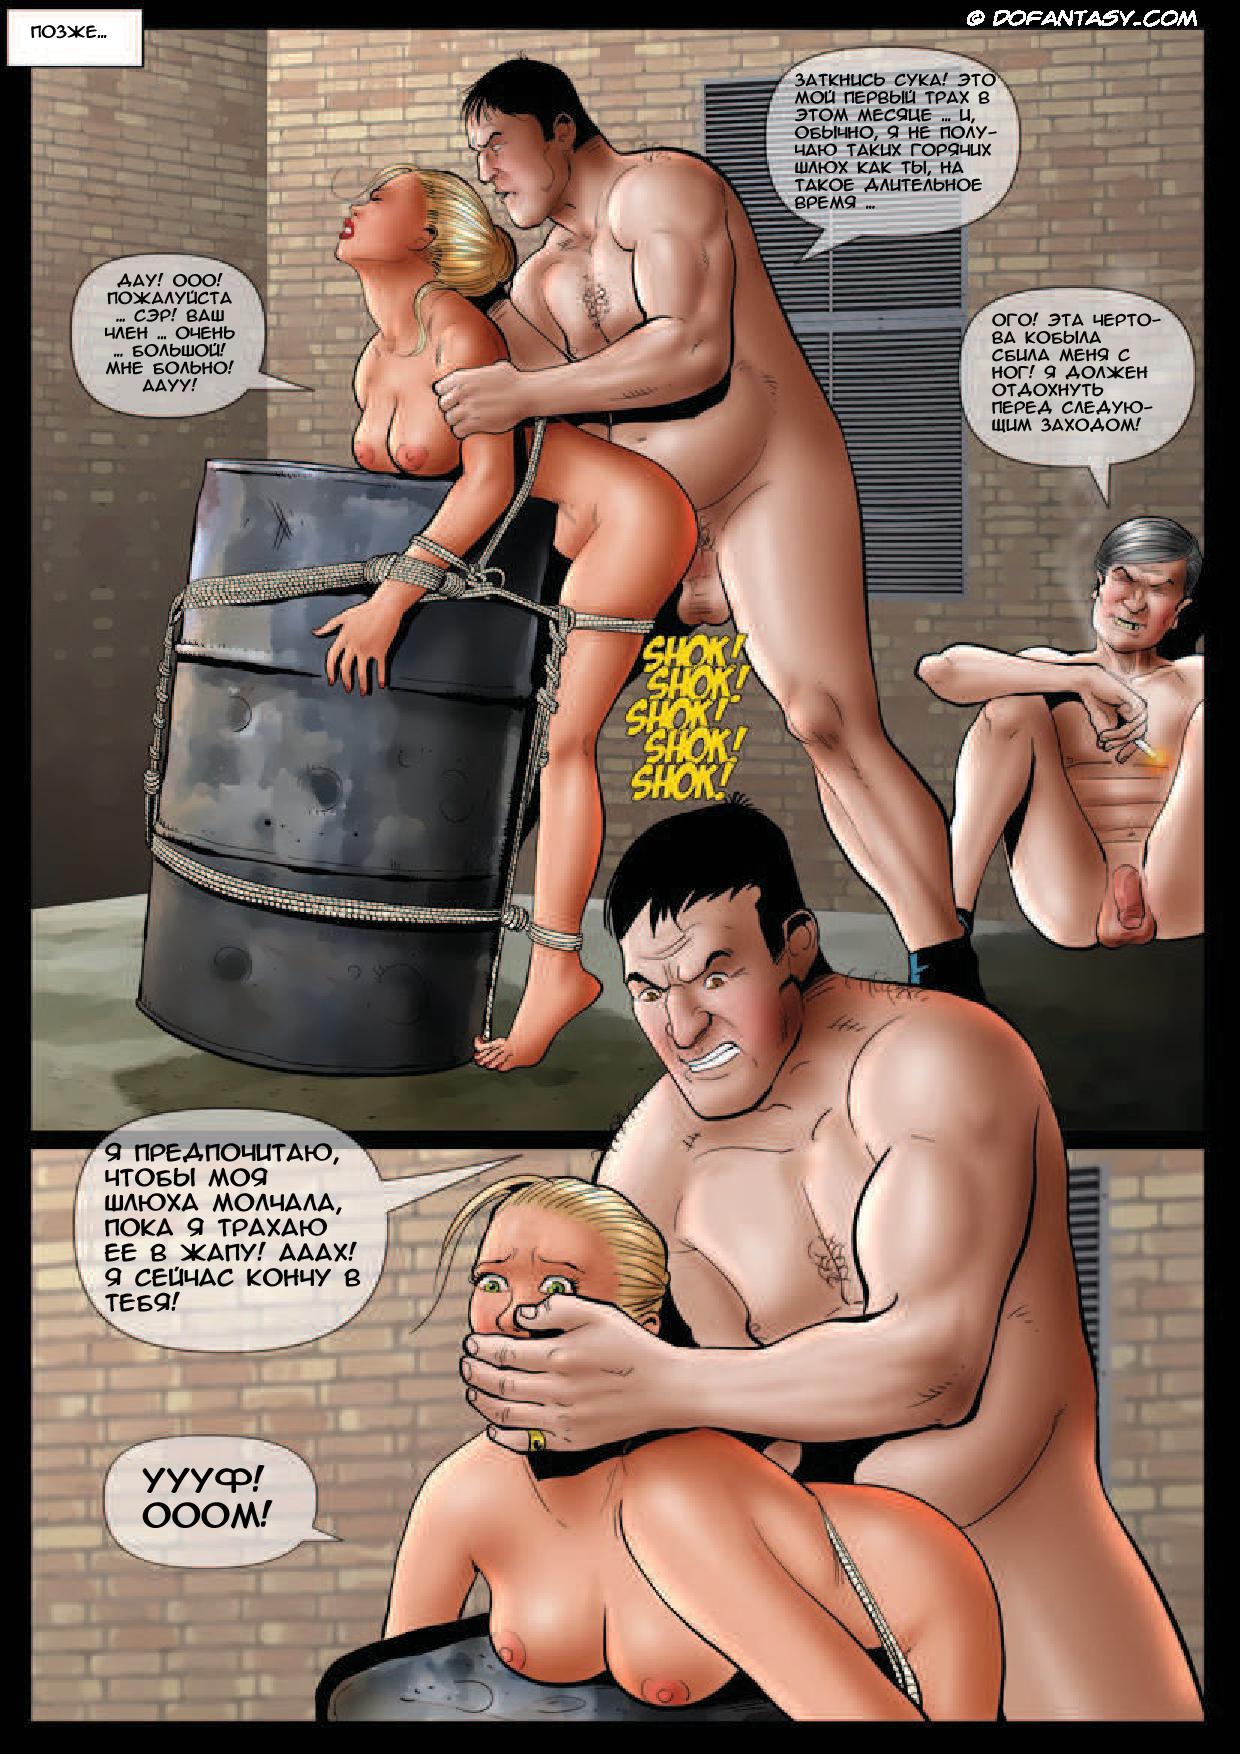 Порно комикс семейный бизнес 41 картинок